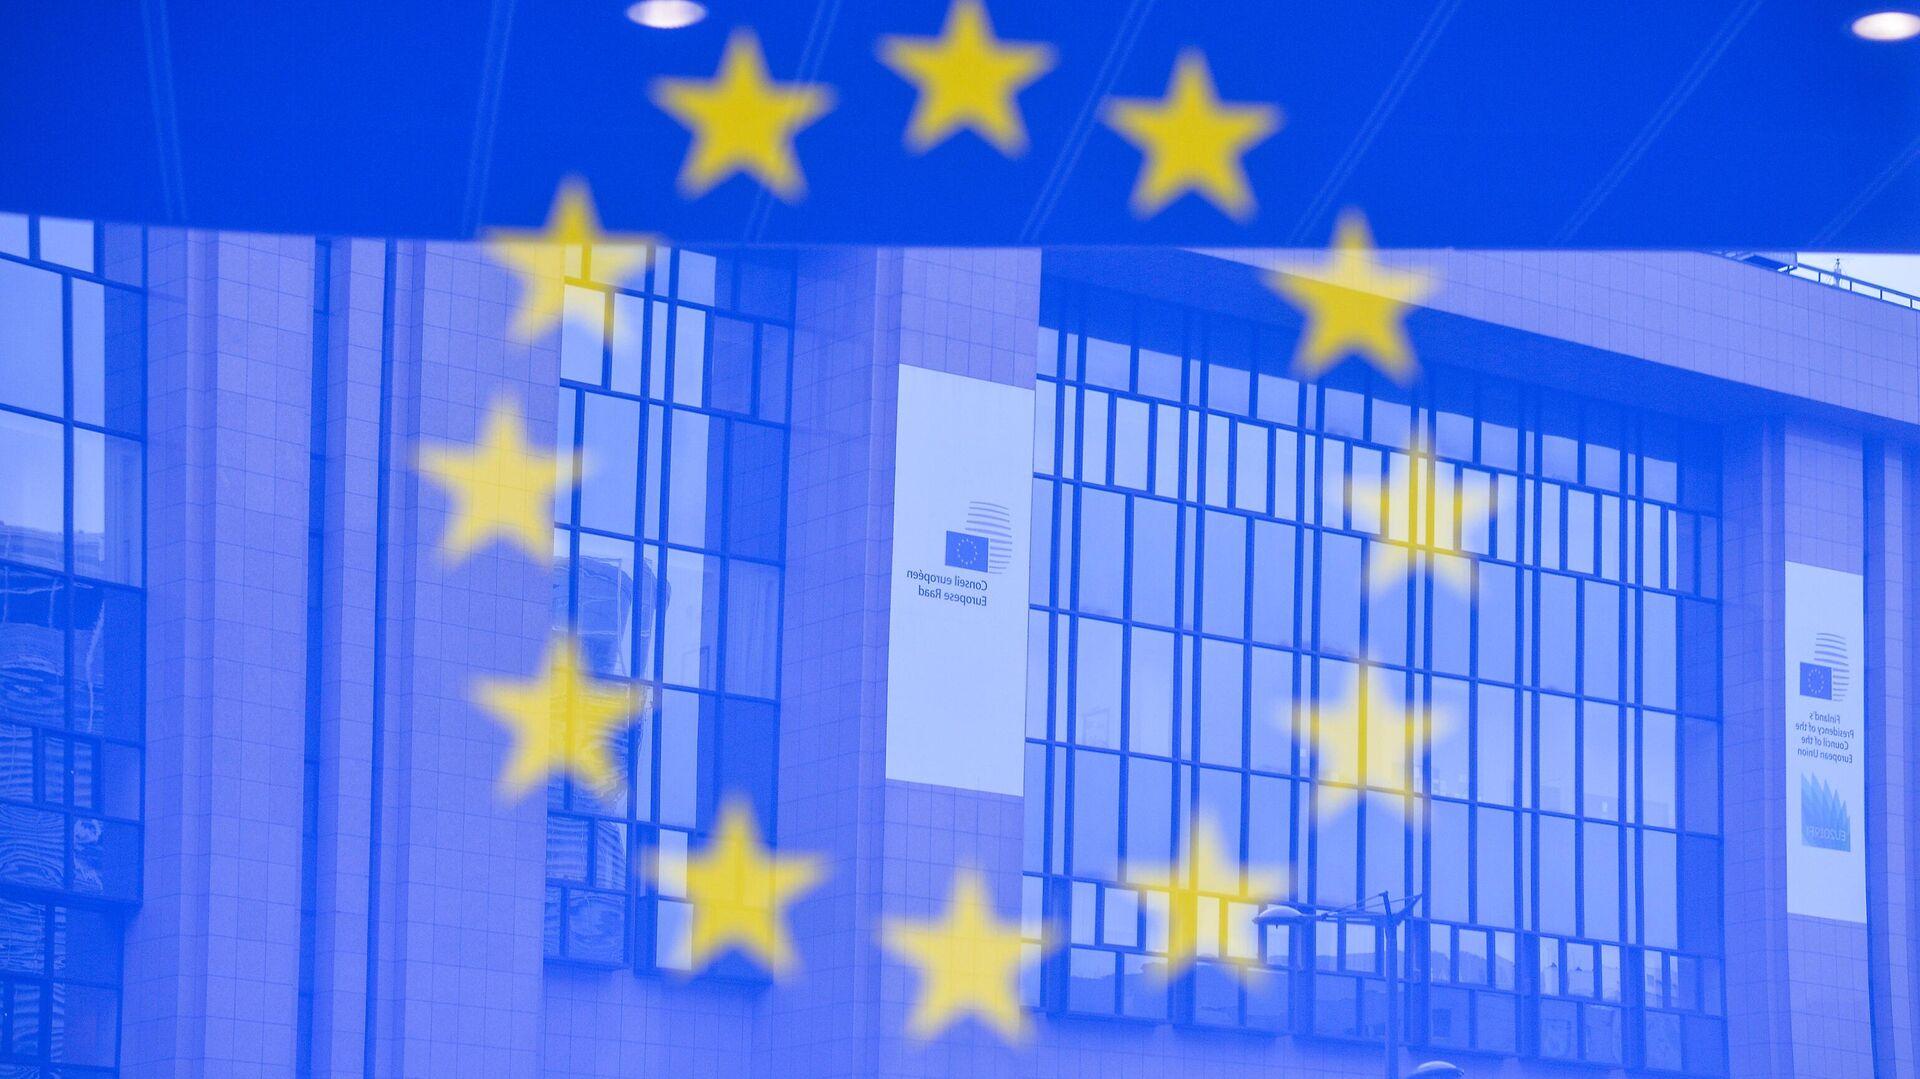 Саммит ЕС в Брюсселе - РИА Новости, 1920, 07.12.2020